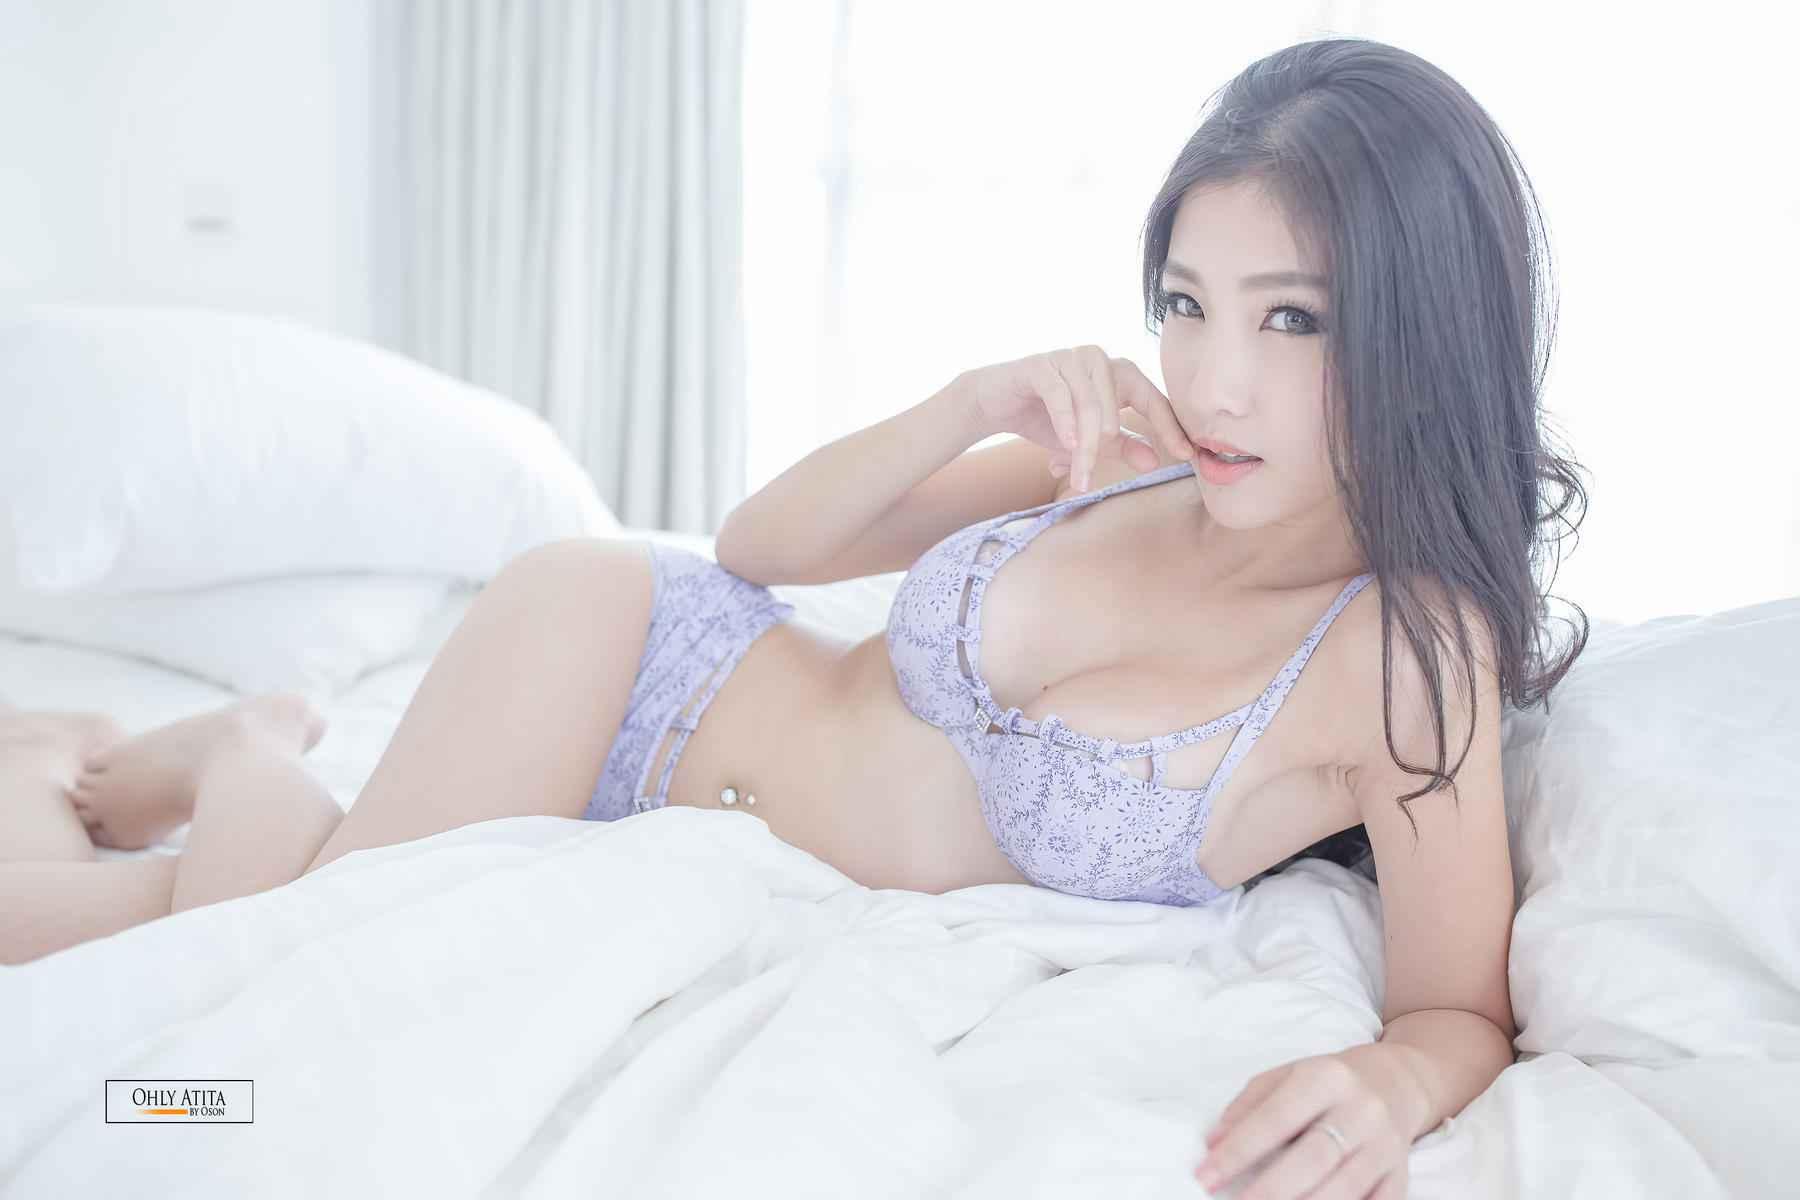 内衣风情美女床上写真